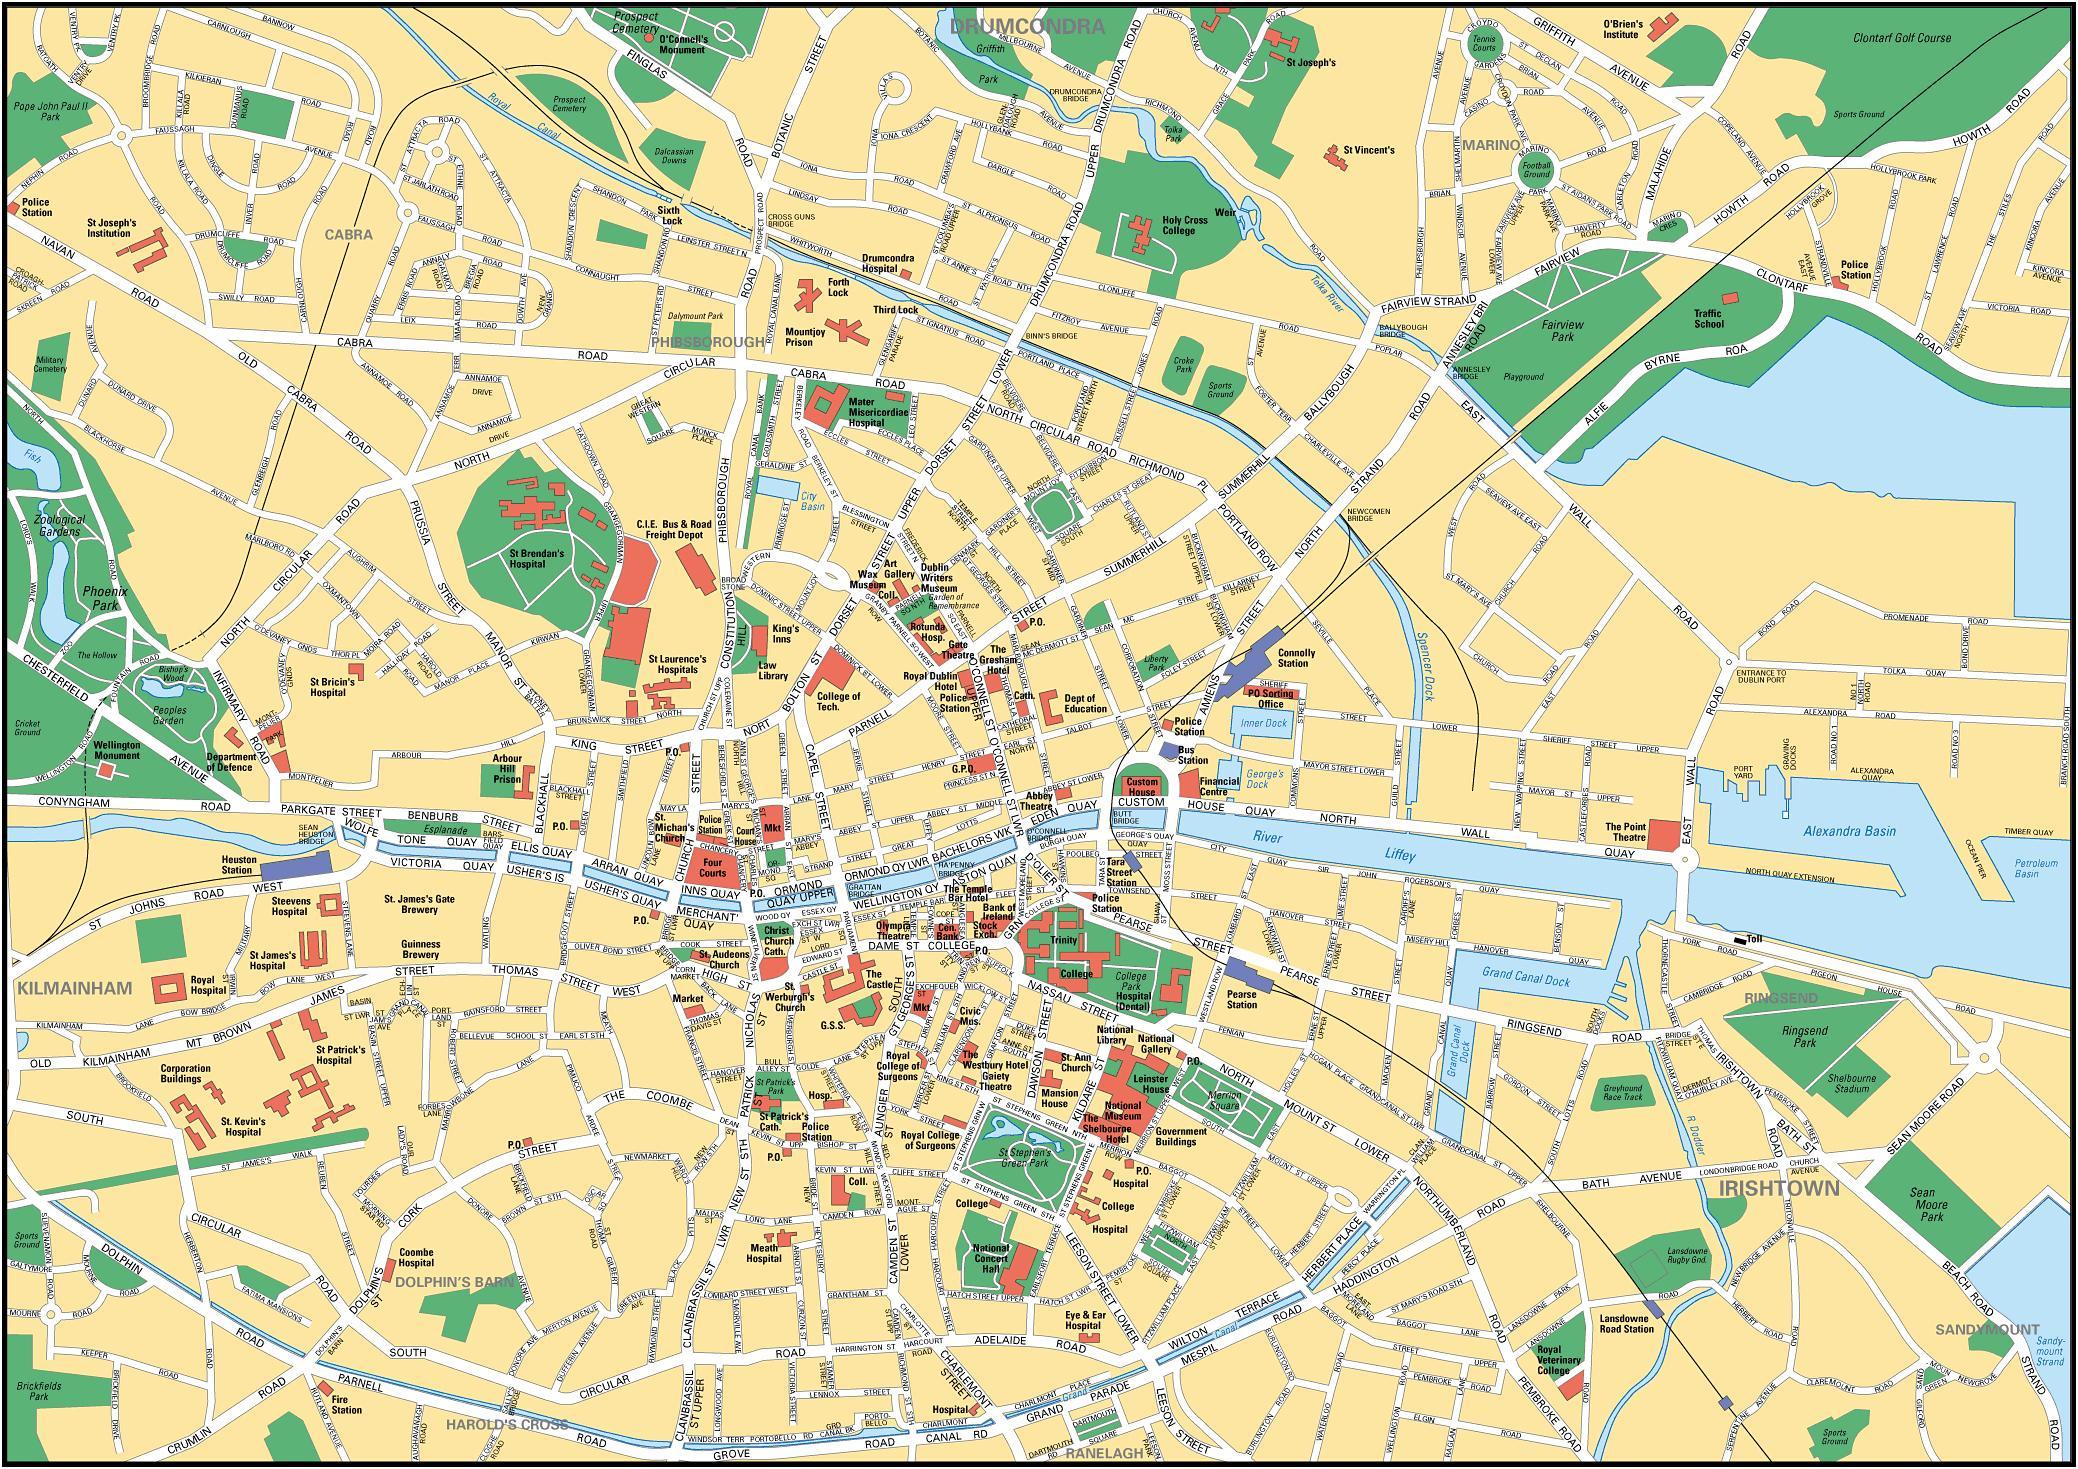 Dublin Map Dublin On A Map Ireland - Ireland map download